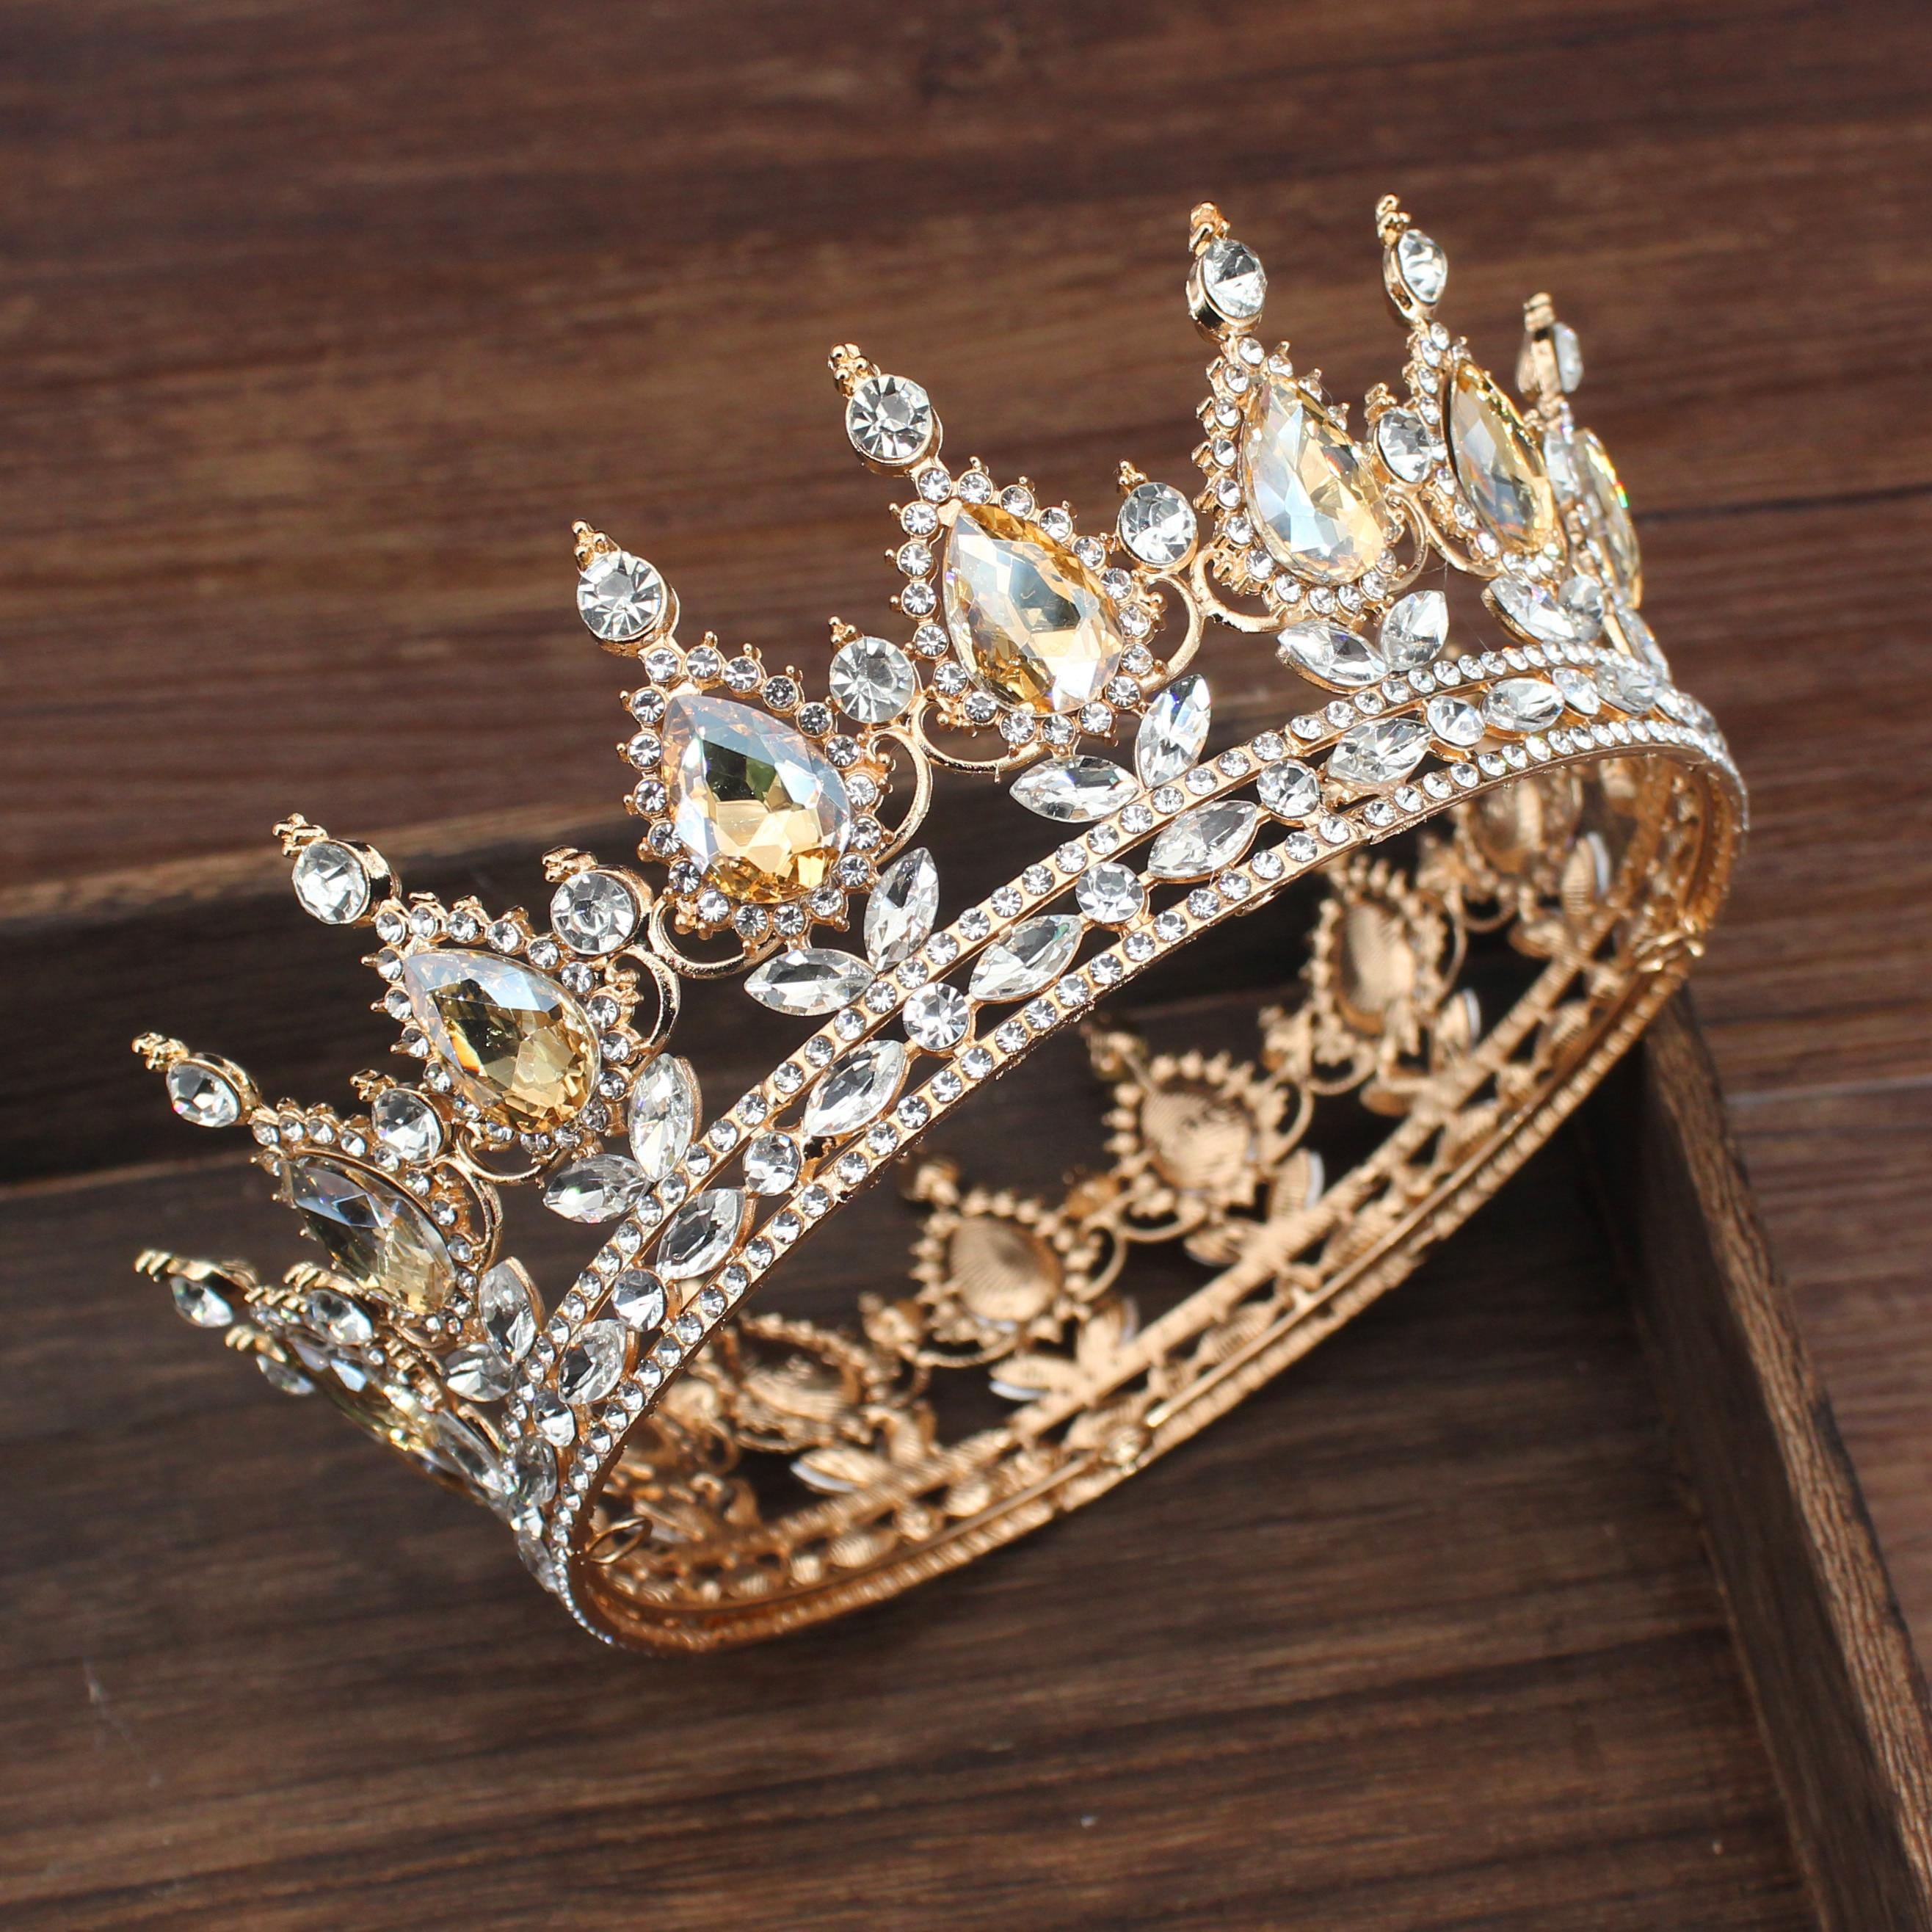 Тиары и короны Женские винтажные, свадебные ювелирные украшения для волос, диадема для свадьбы, конкурса, украшение для невесты